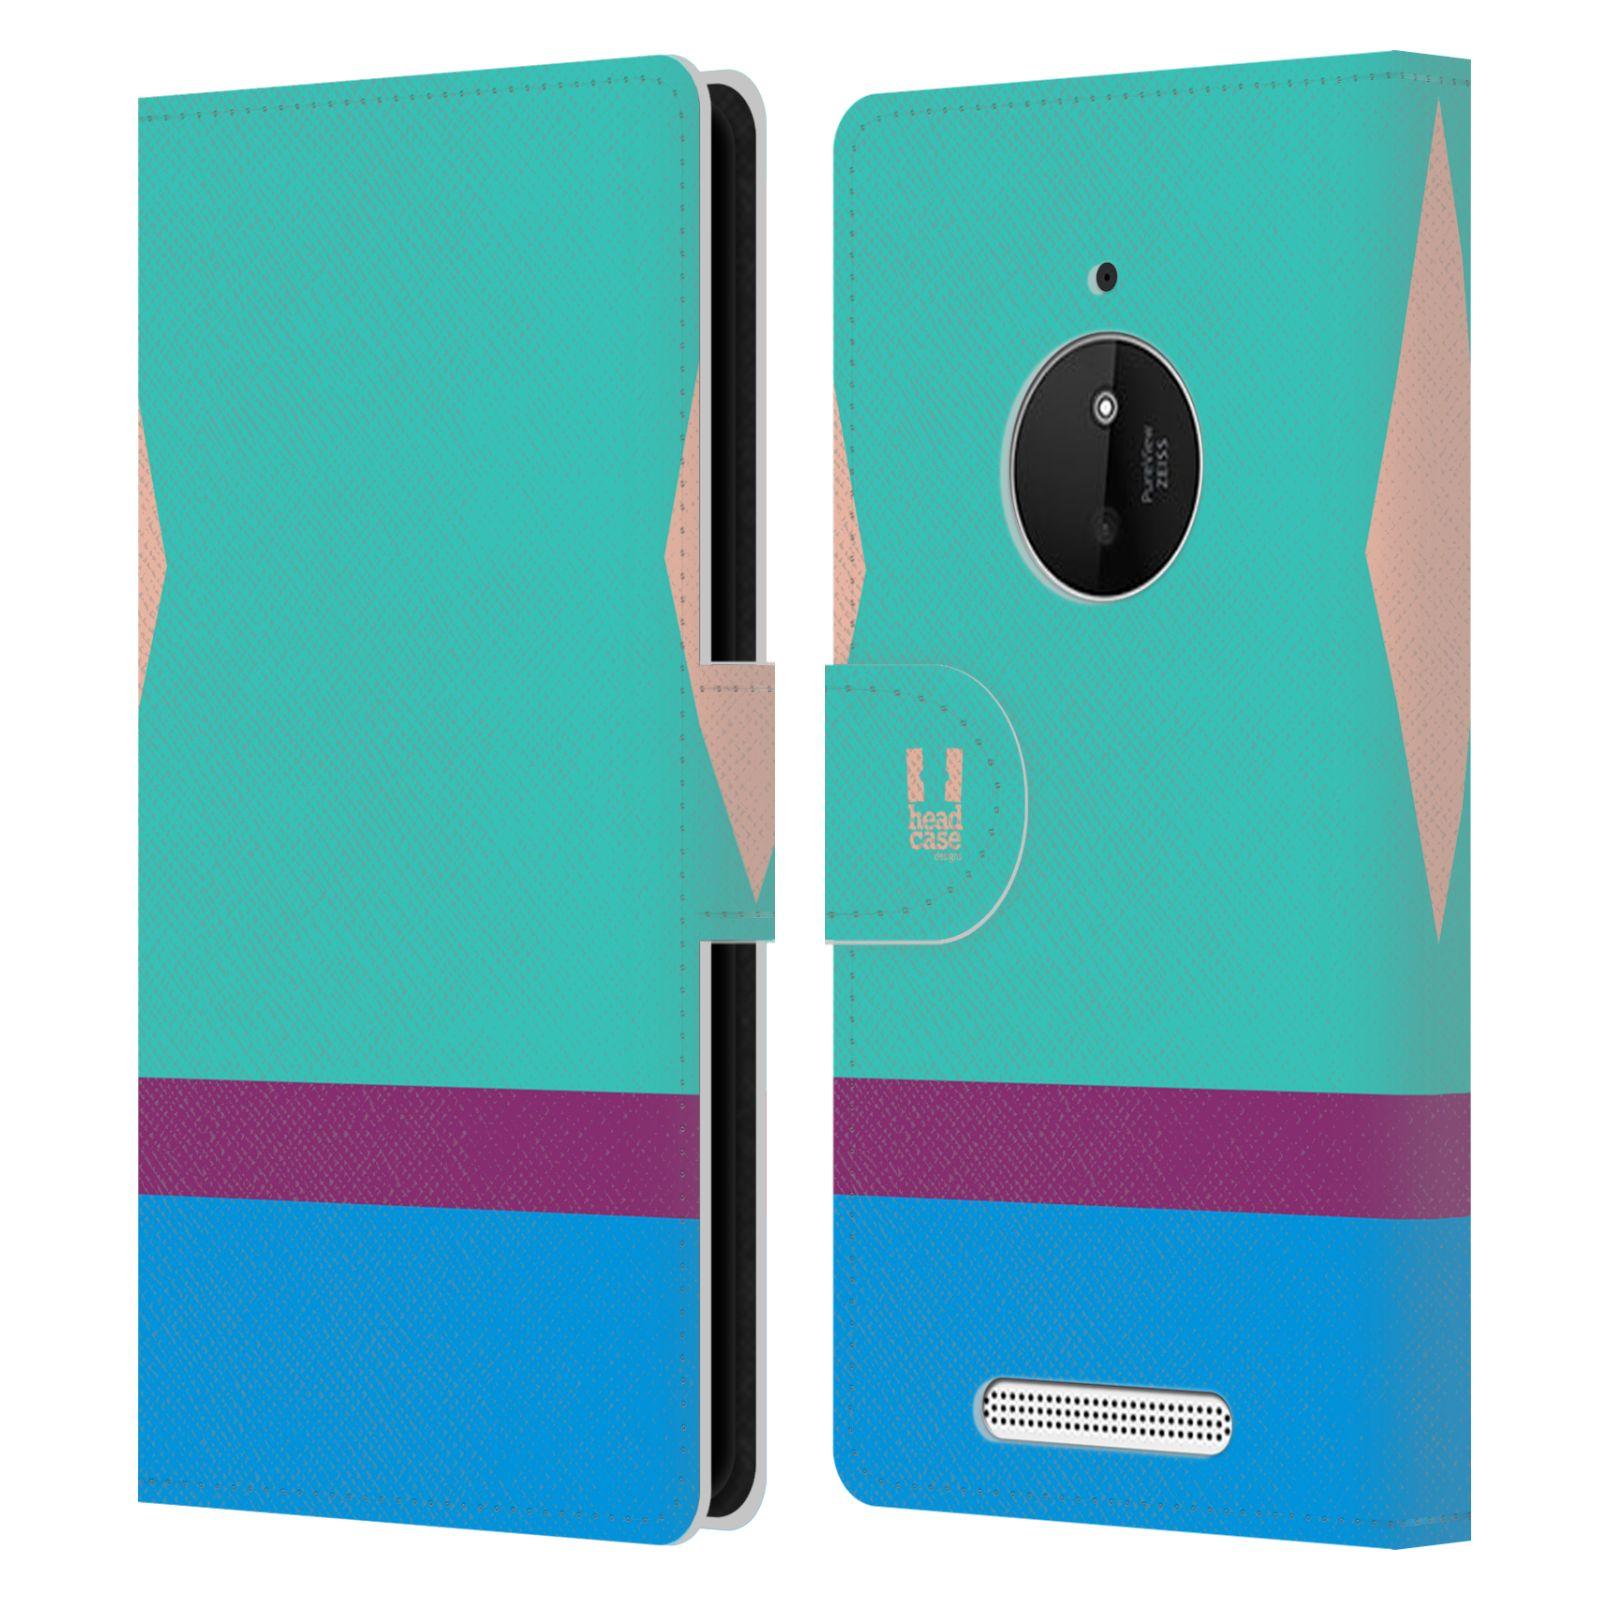 HEAD CASE Flipové pouzdro pro mobil Nokia LUMIA 830 barevné tvary modrá a fialový pruh